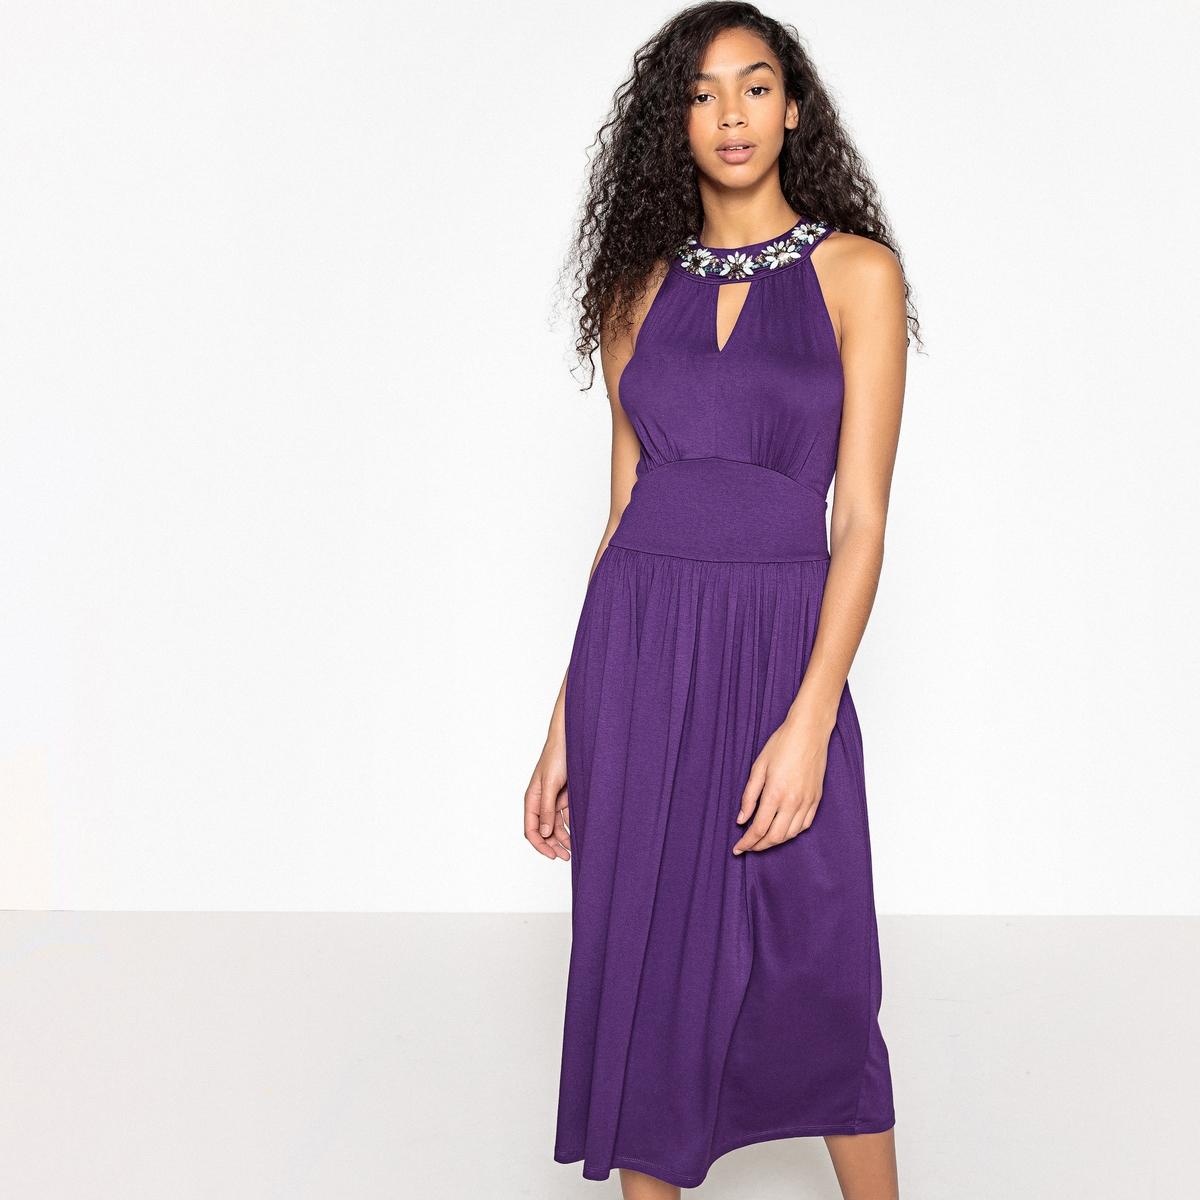 Платье из трикотажа, вырез с украшениями